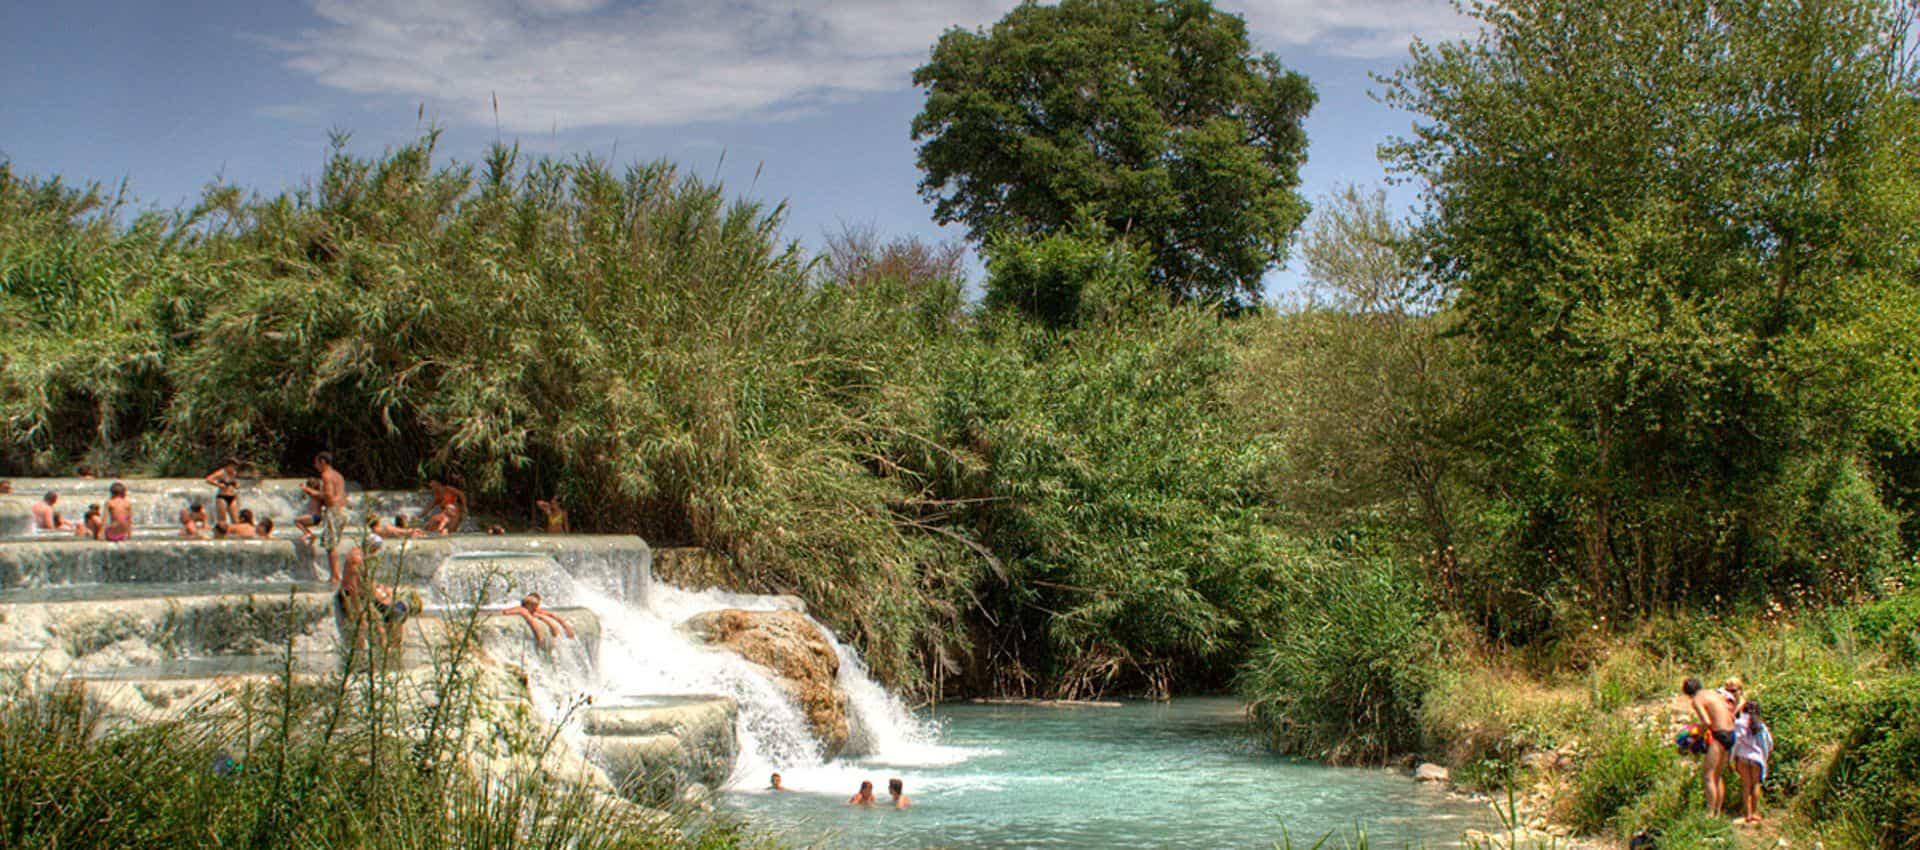 Cascate del mulino a saturnia terme - Cascate per piscine ...